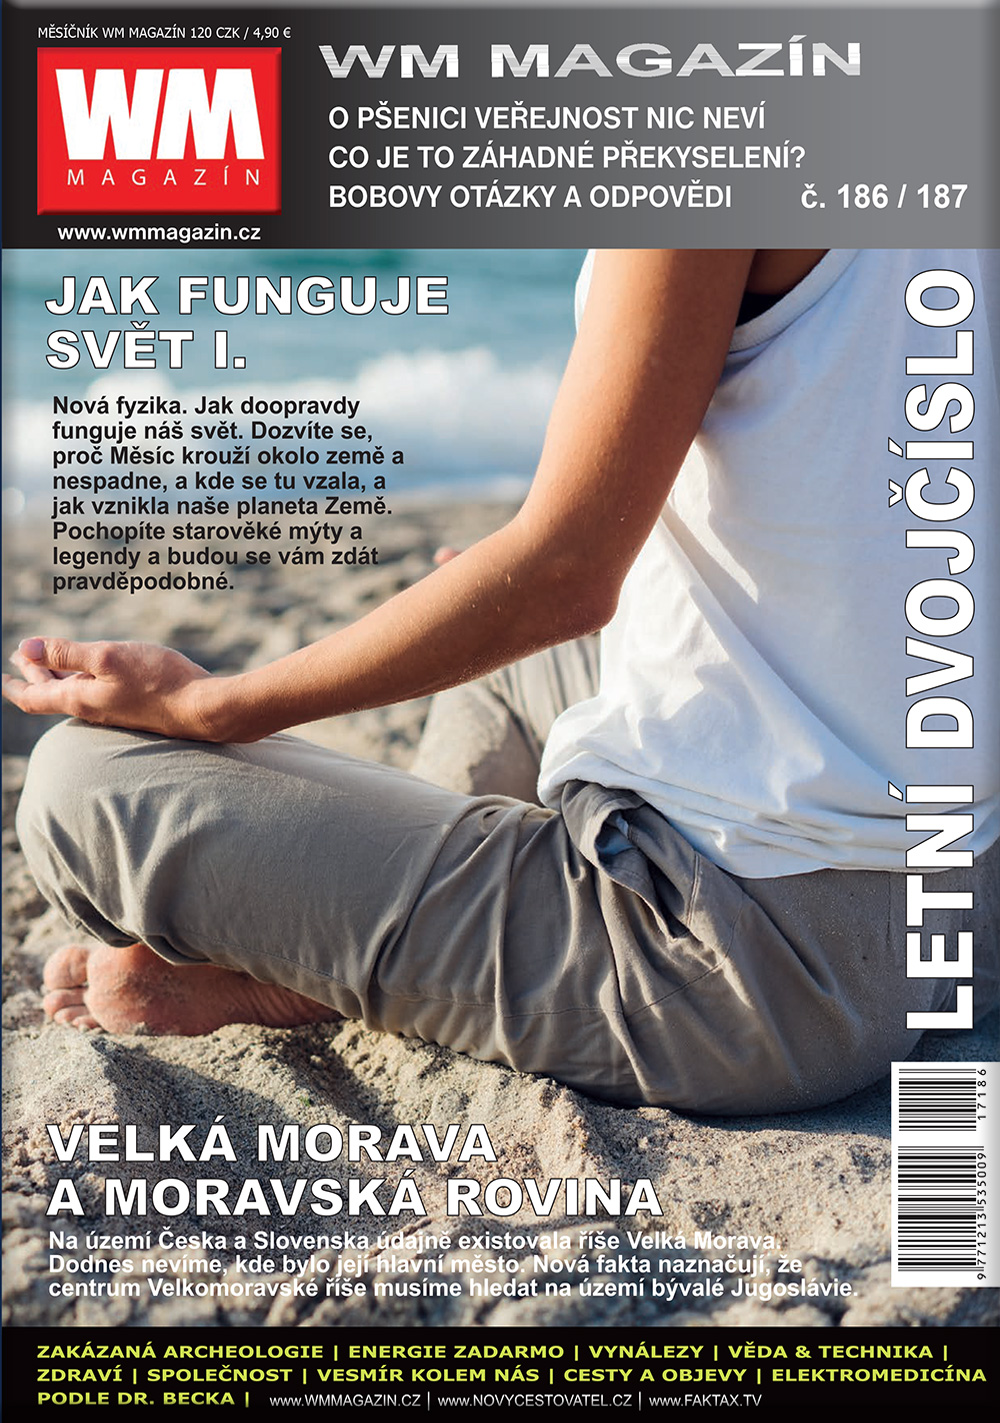 Časopis WM magazín: www.wmmagazin.cz